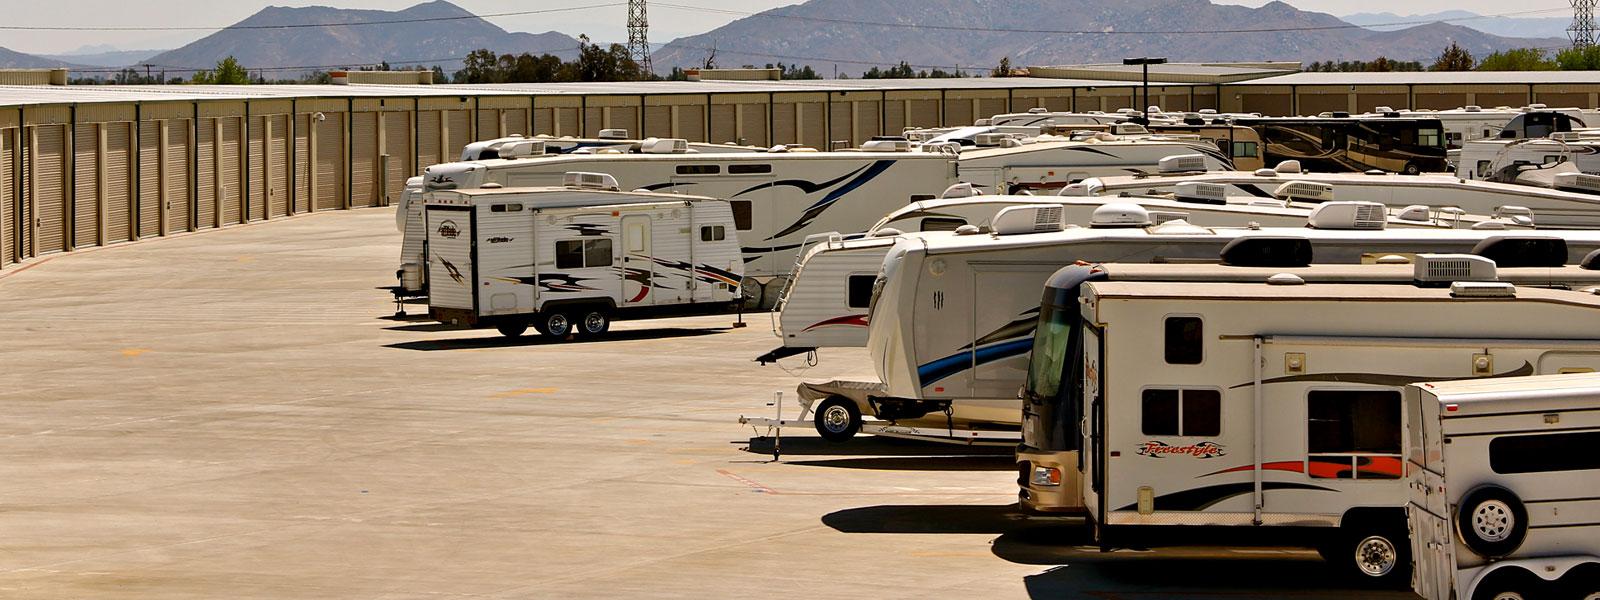 Superbe Rv Storage Parking Lot